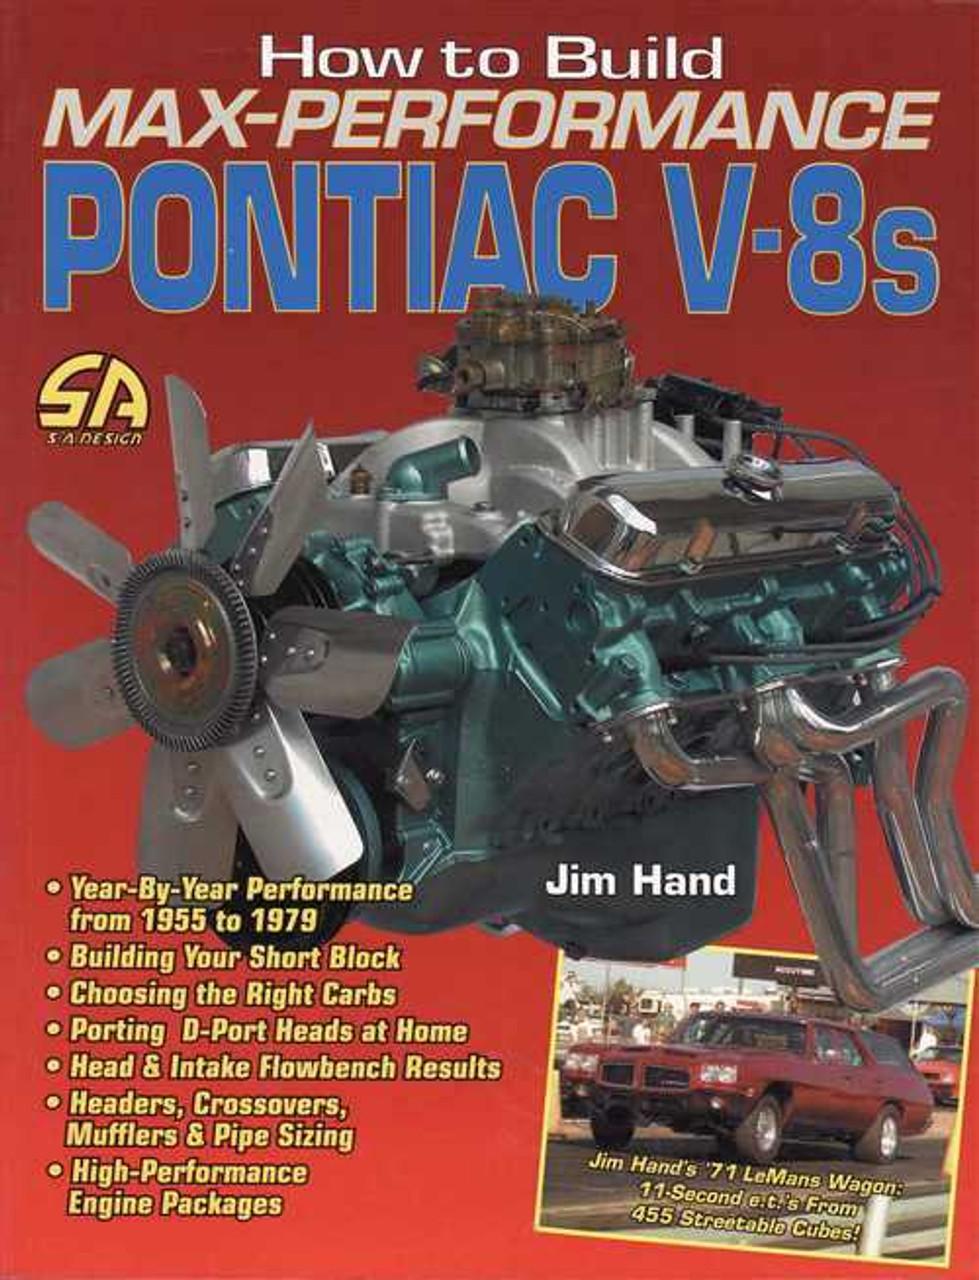 How to Build Max - Performance Pontiac V-8s